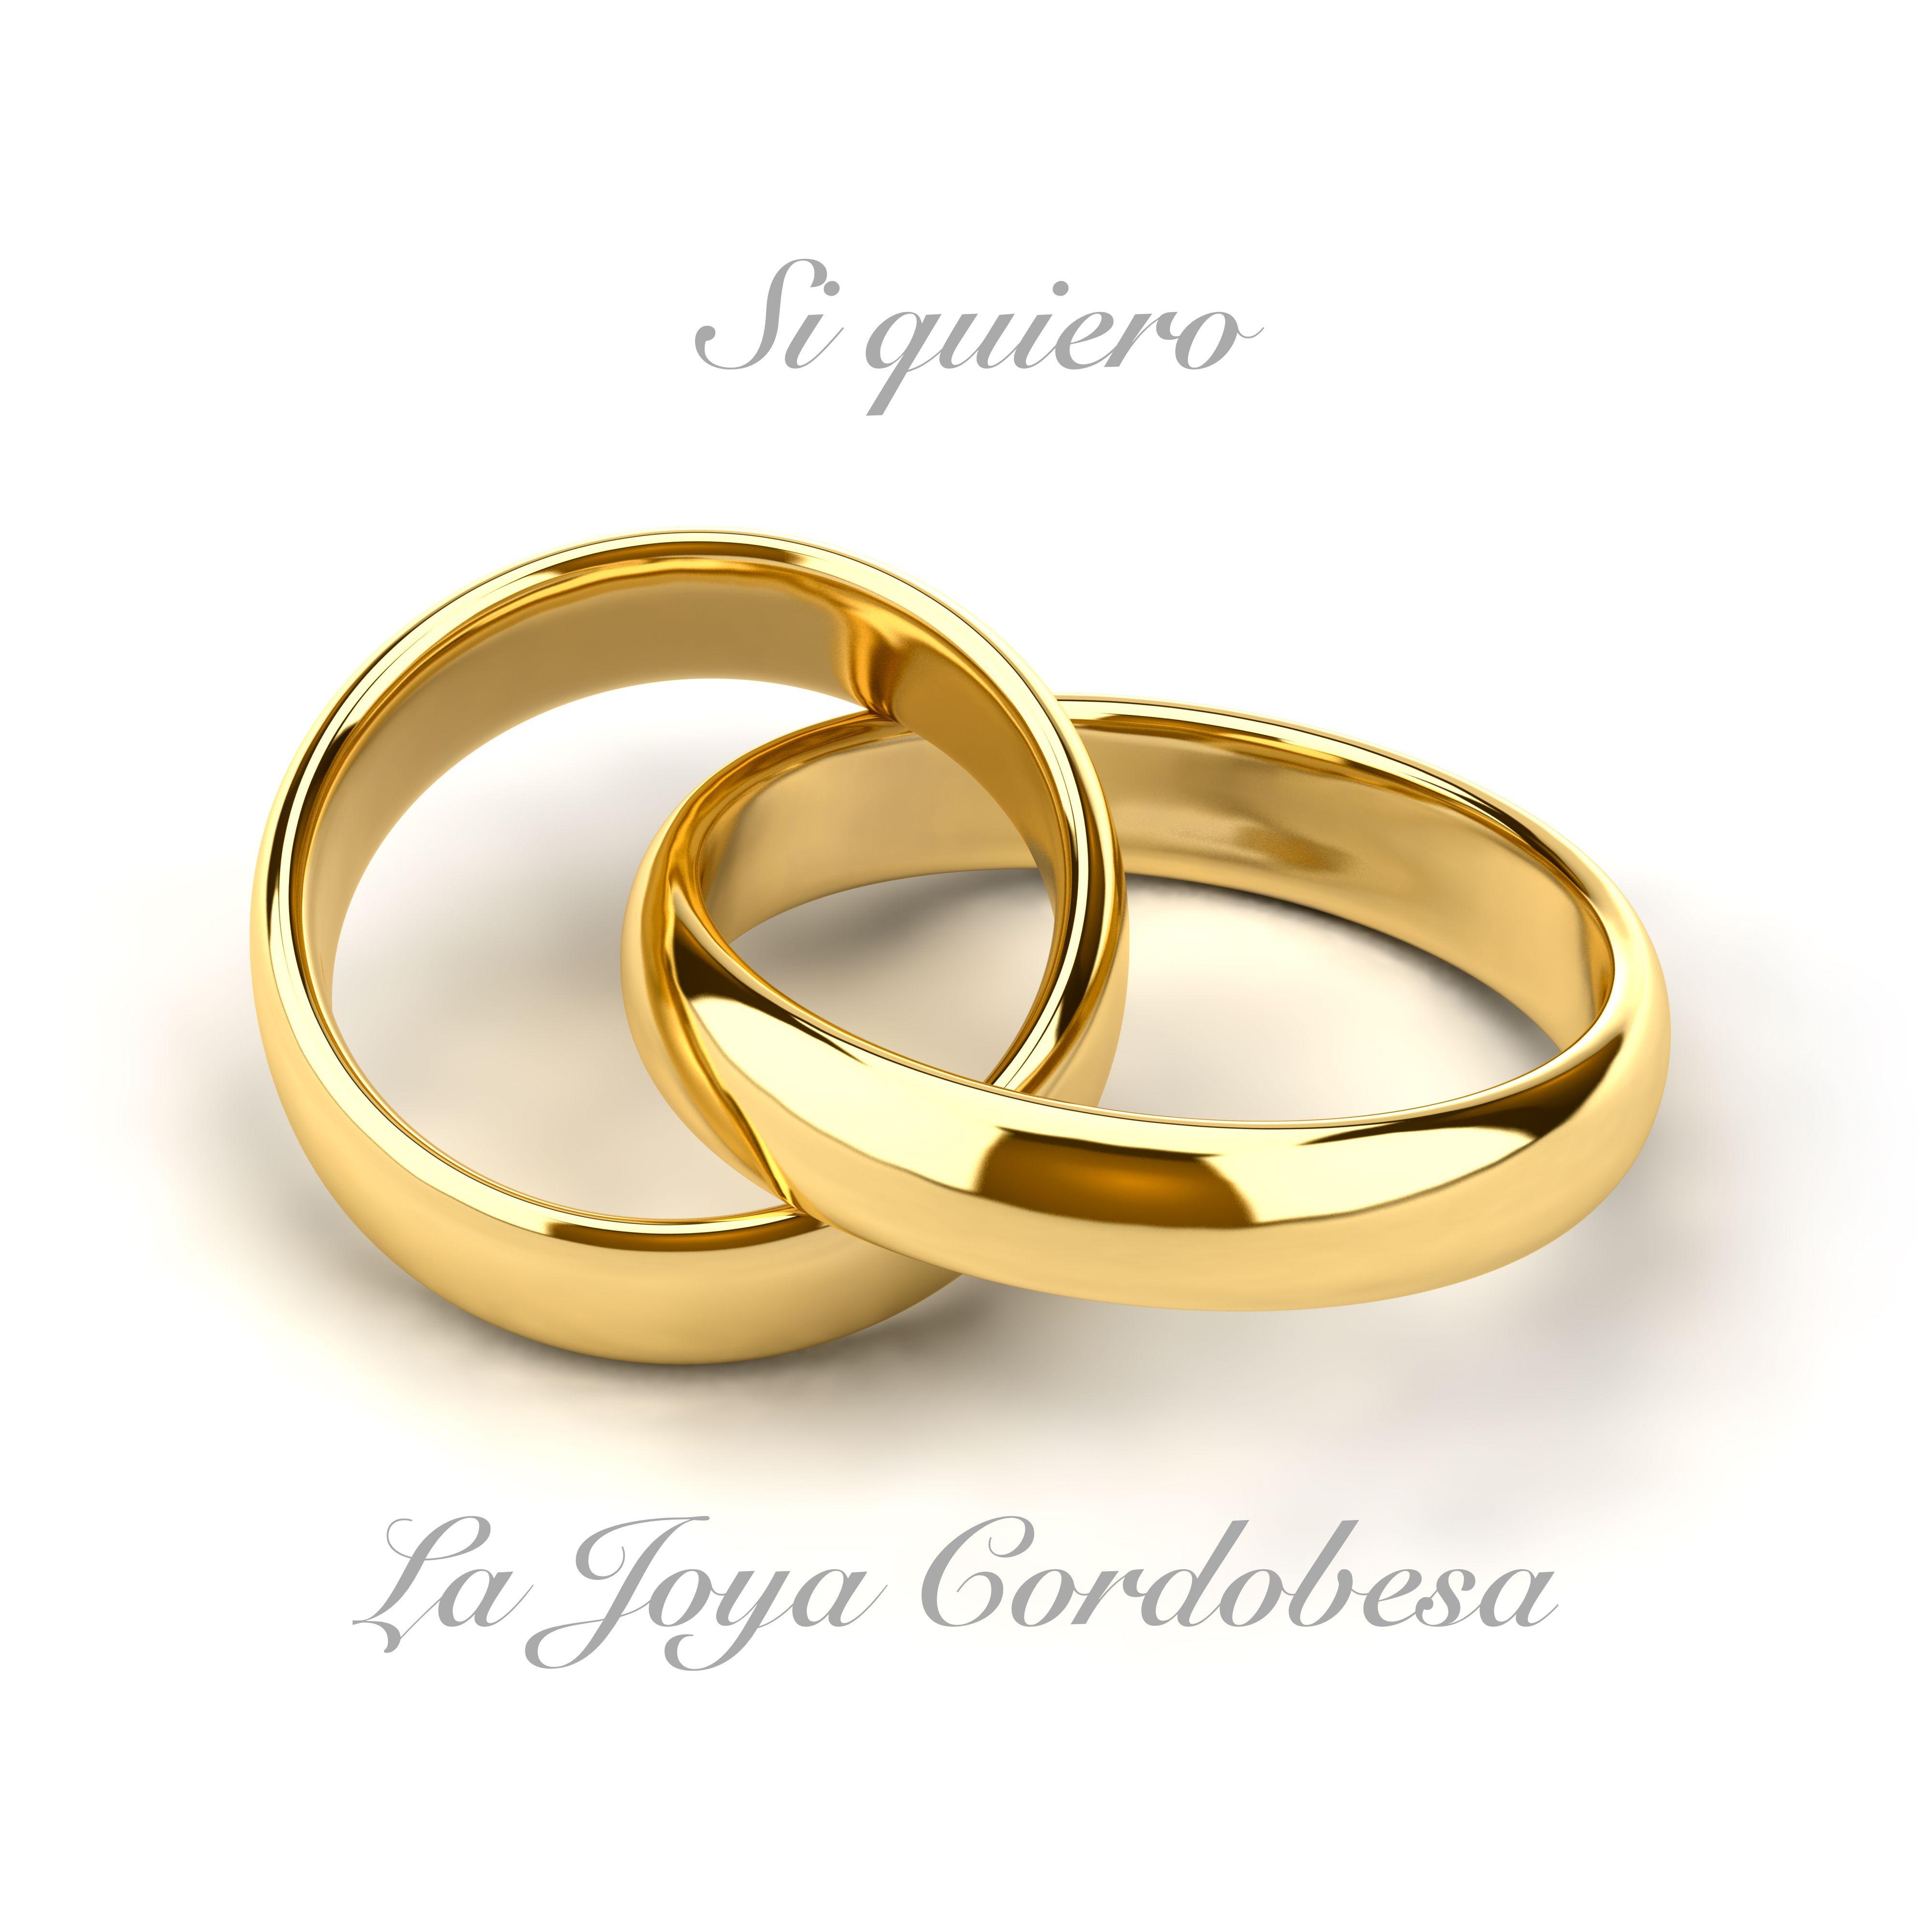 Si Quiero Quiero La Joya Cordobesa Cordoba Joyeria Joyas Alianzas Alianzasboda Anillo De Matrimonio Anillos De Boda Anillos De Compromiso